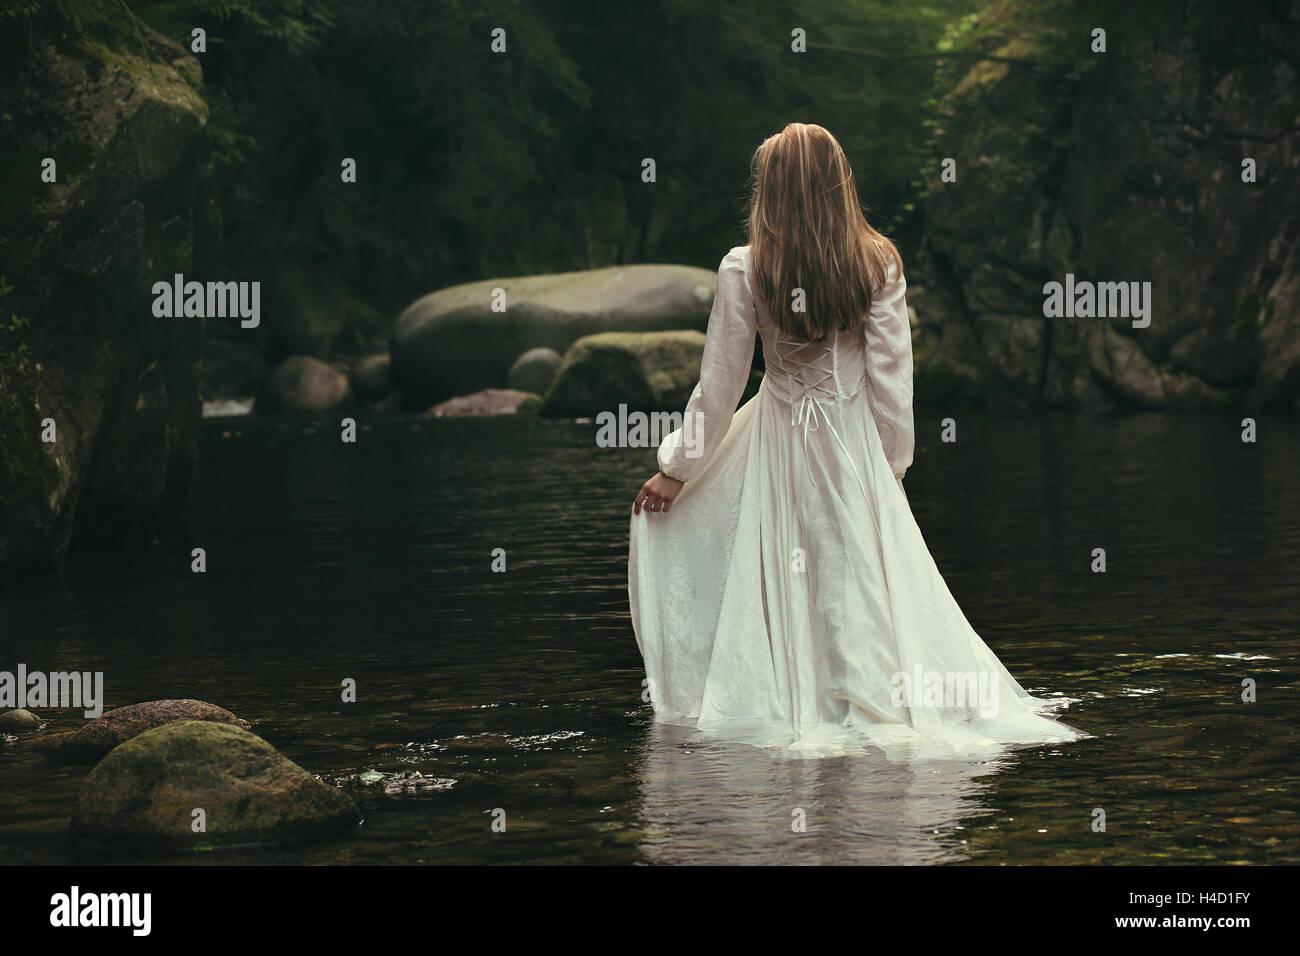 Mujer románticos paseos en un arroyo verde. Etérea y soñadora Imagen De Stock